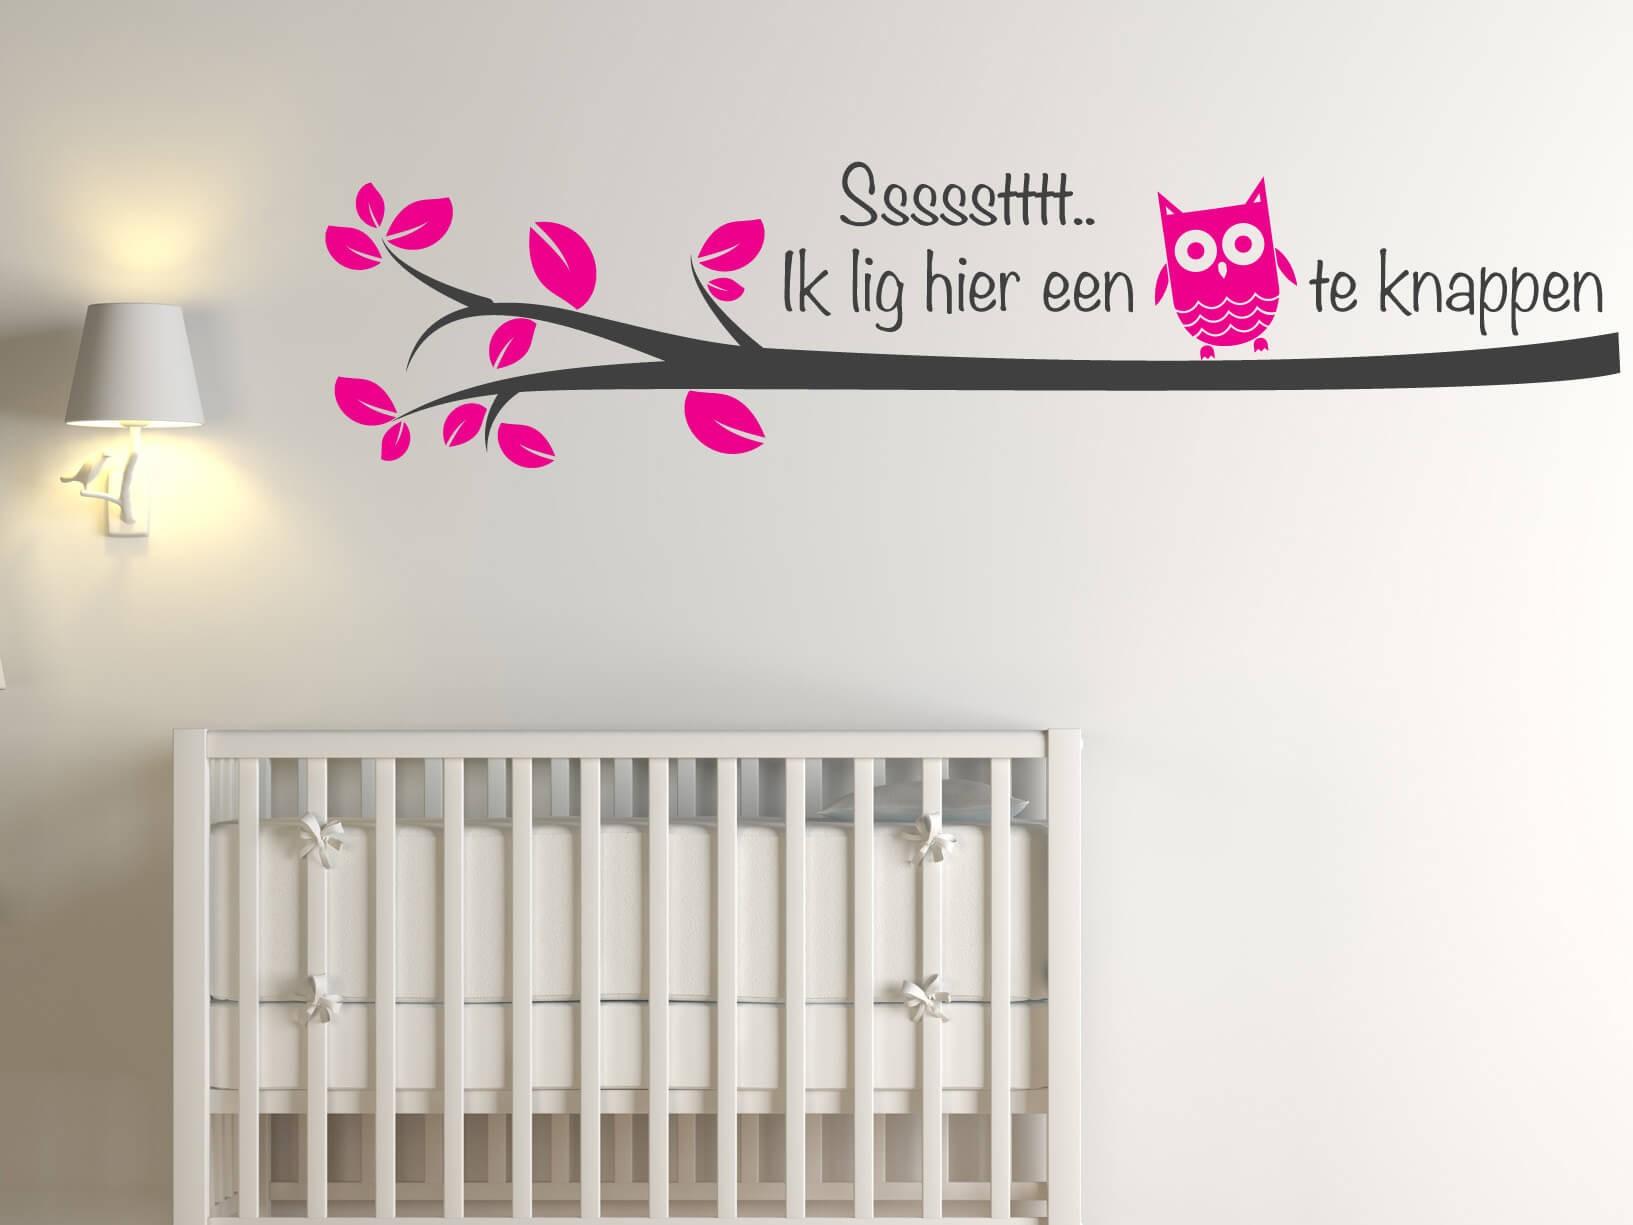 Muursticker ssssstttt ik lig hier een uiltje te knappen for Muurdecoratie babykamer